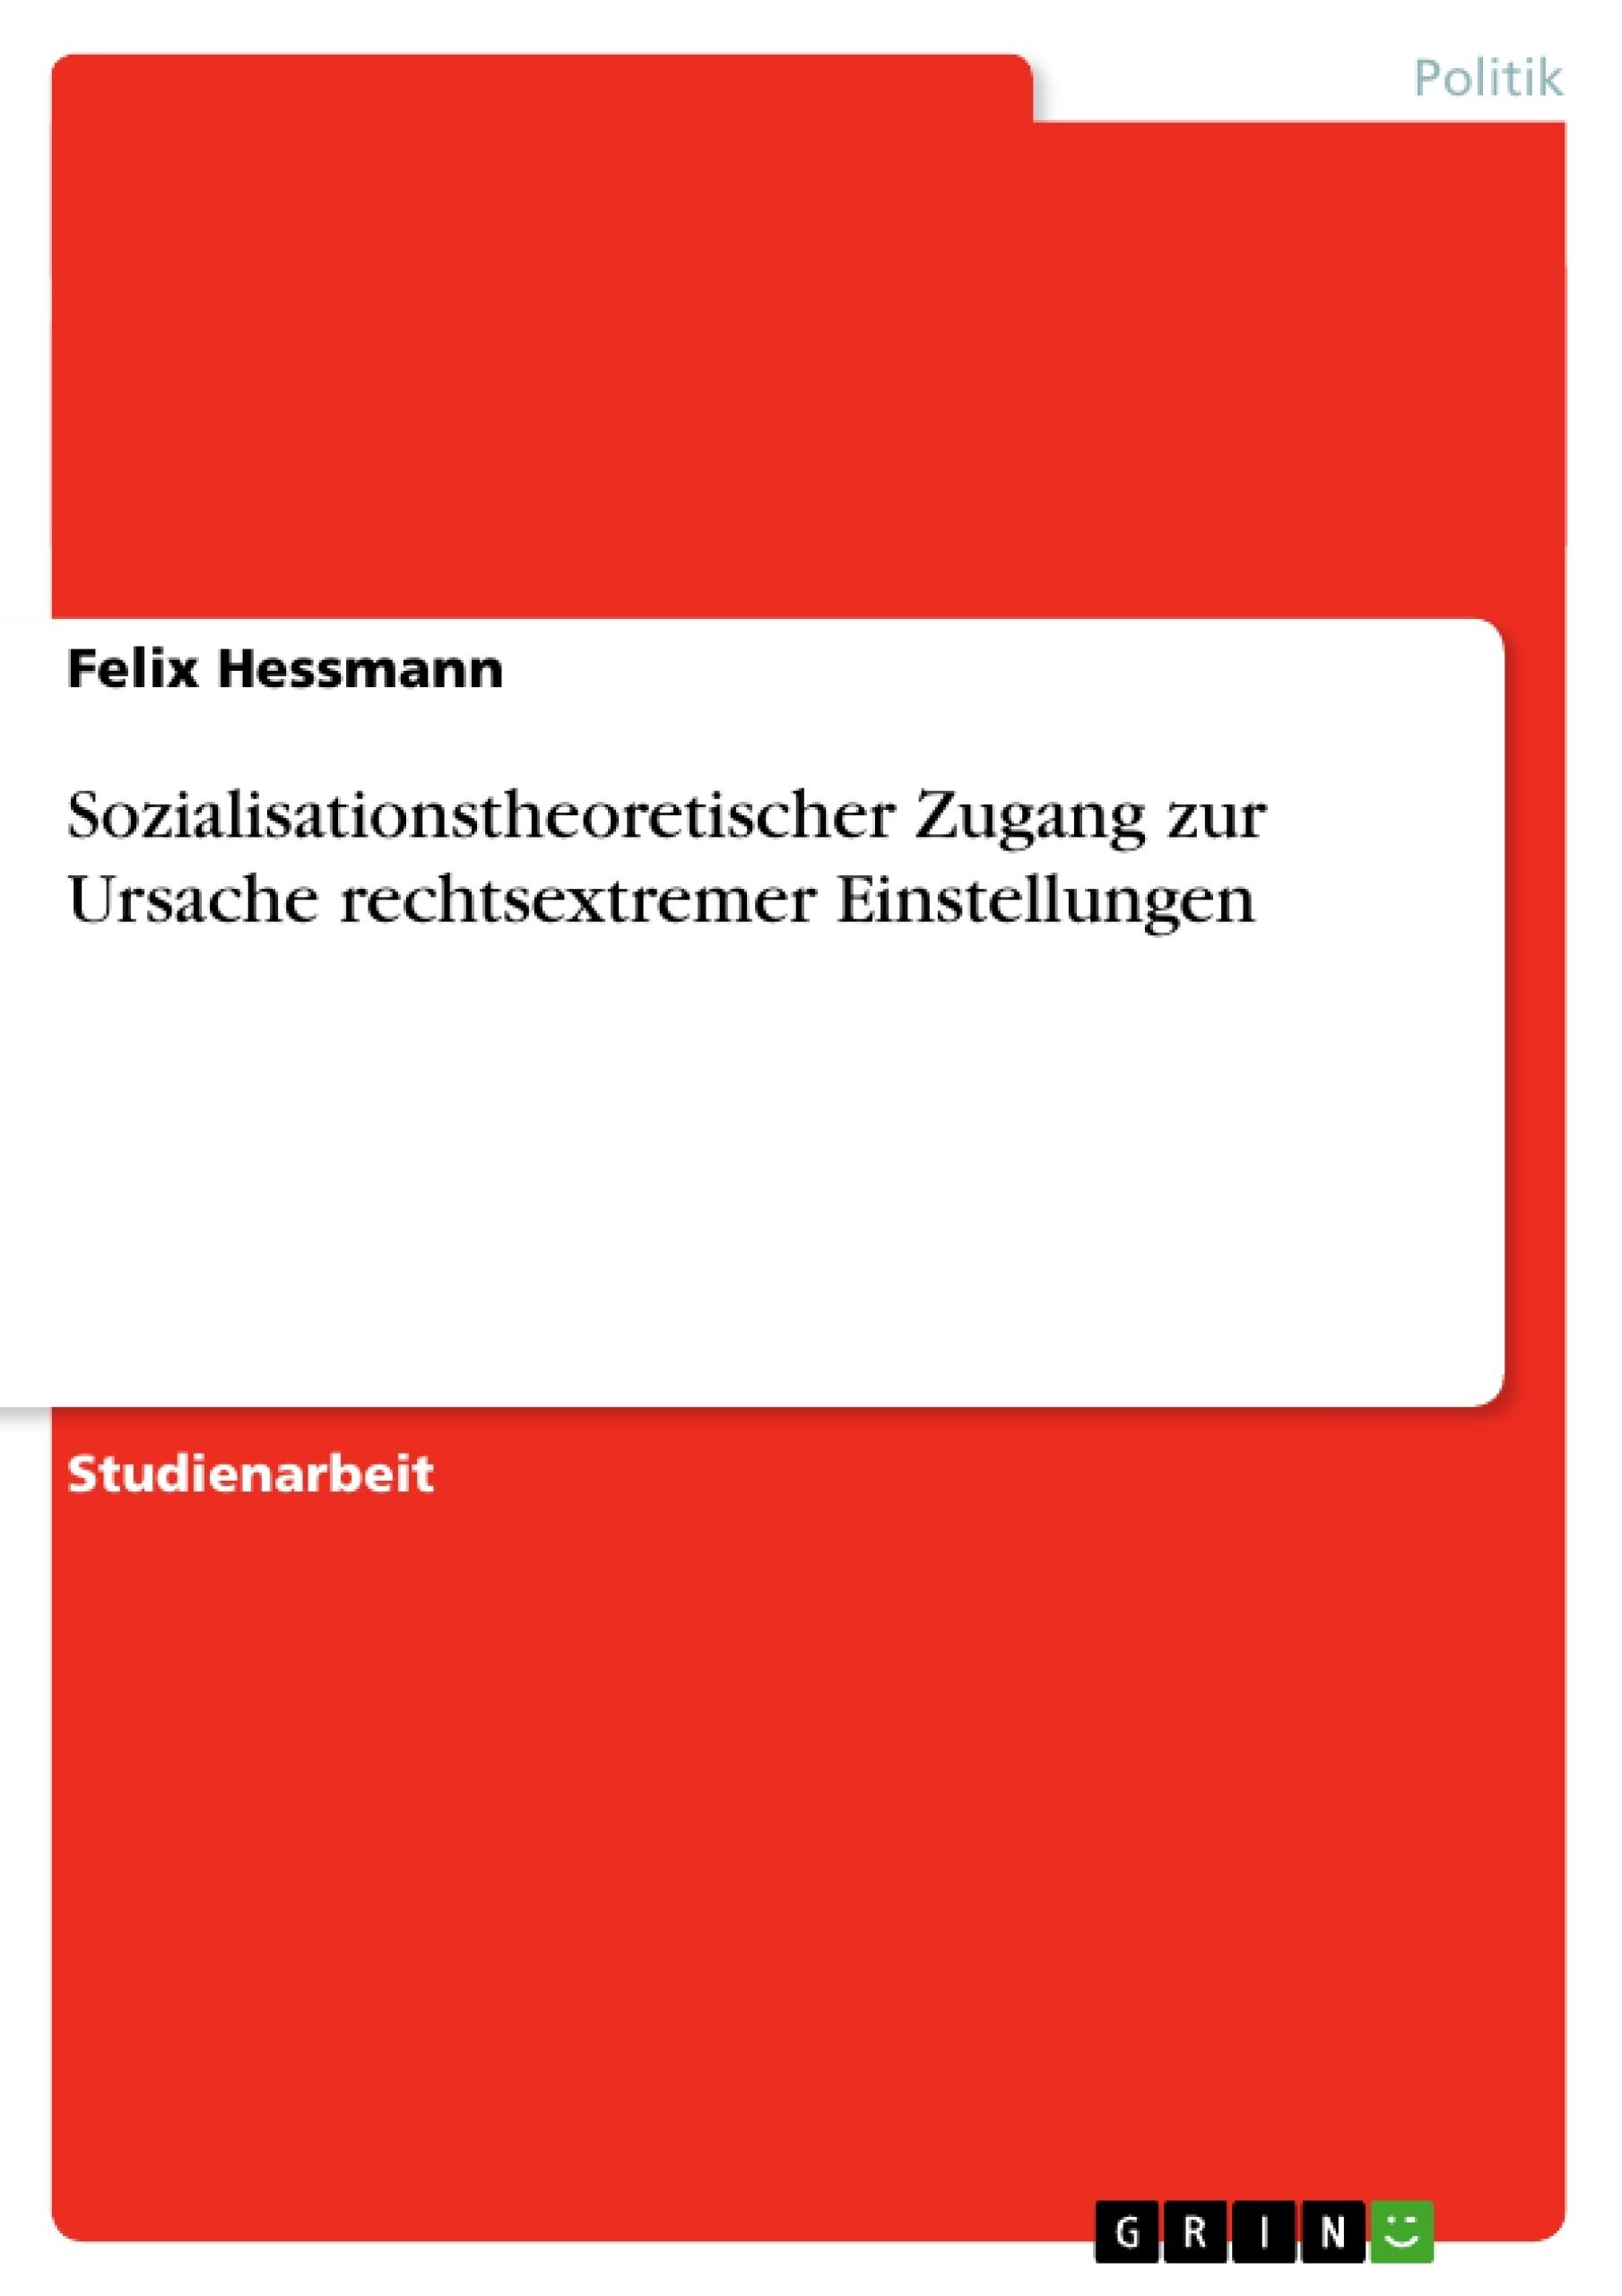 Titel: Sozialisationstheoretischer Zugang zur Ursache rechtsextremer Einstellungen